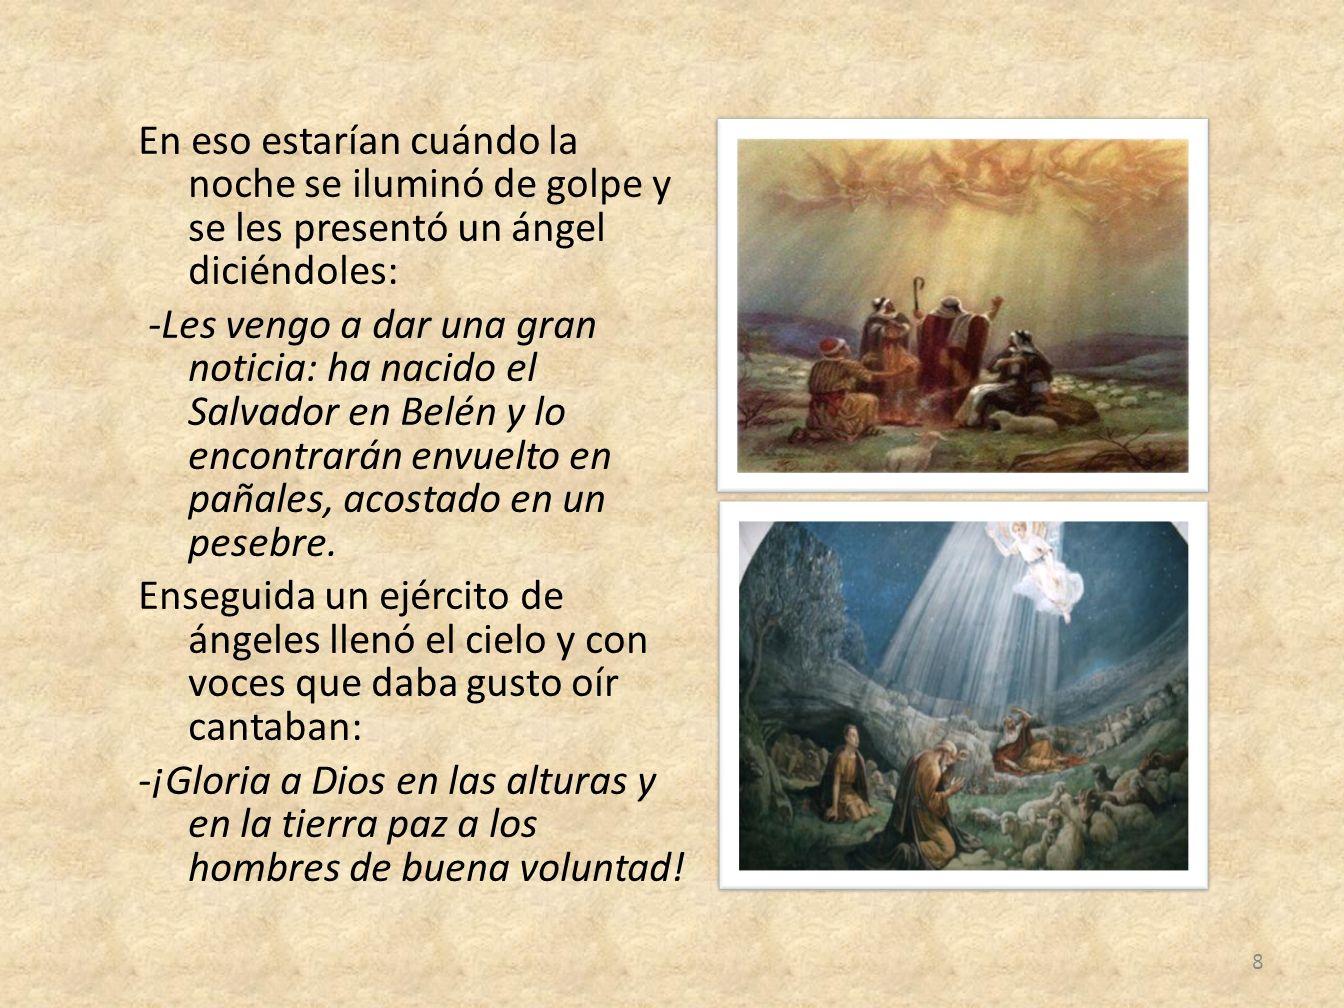 En eso estarían cuándo la noche se iluminó de golpe y se les presentó un ángel diciéndoles: -Les vengo a dar una gran noticia: ha nacido el Salvador en Belén y lo encontrarán envuelto en pañales, acostado en un pesebre.